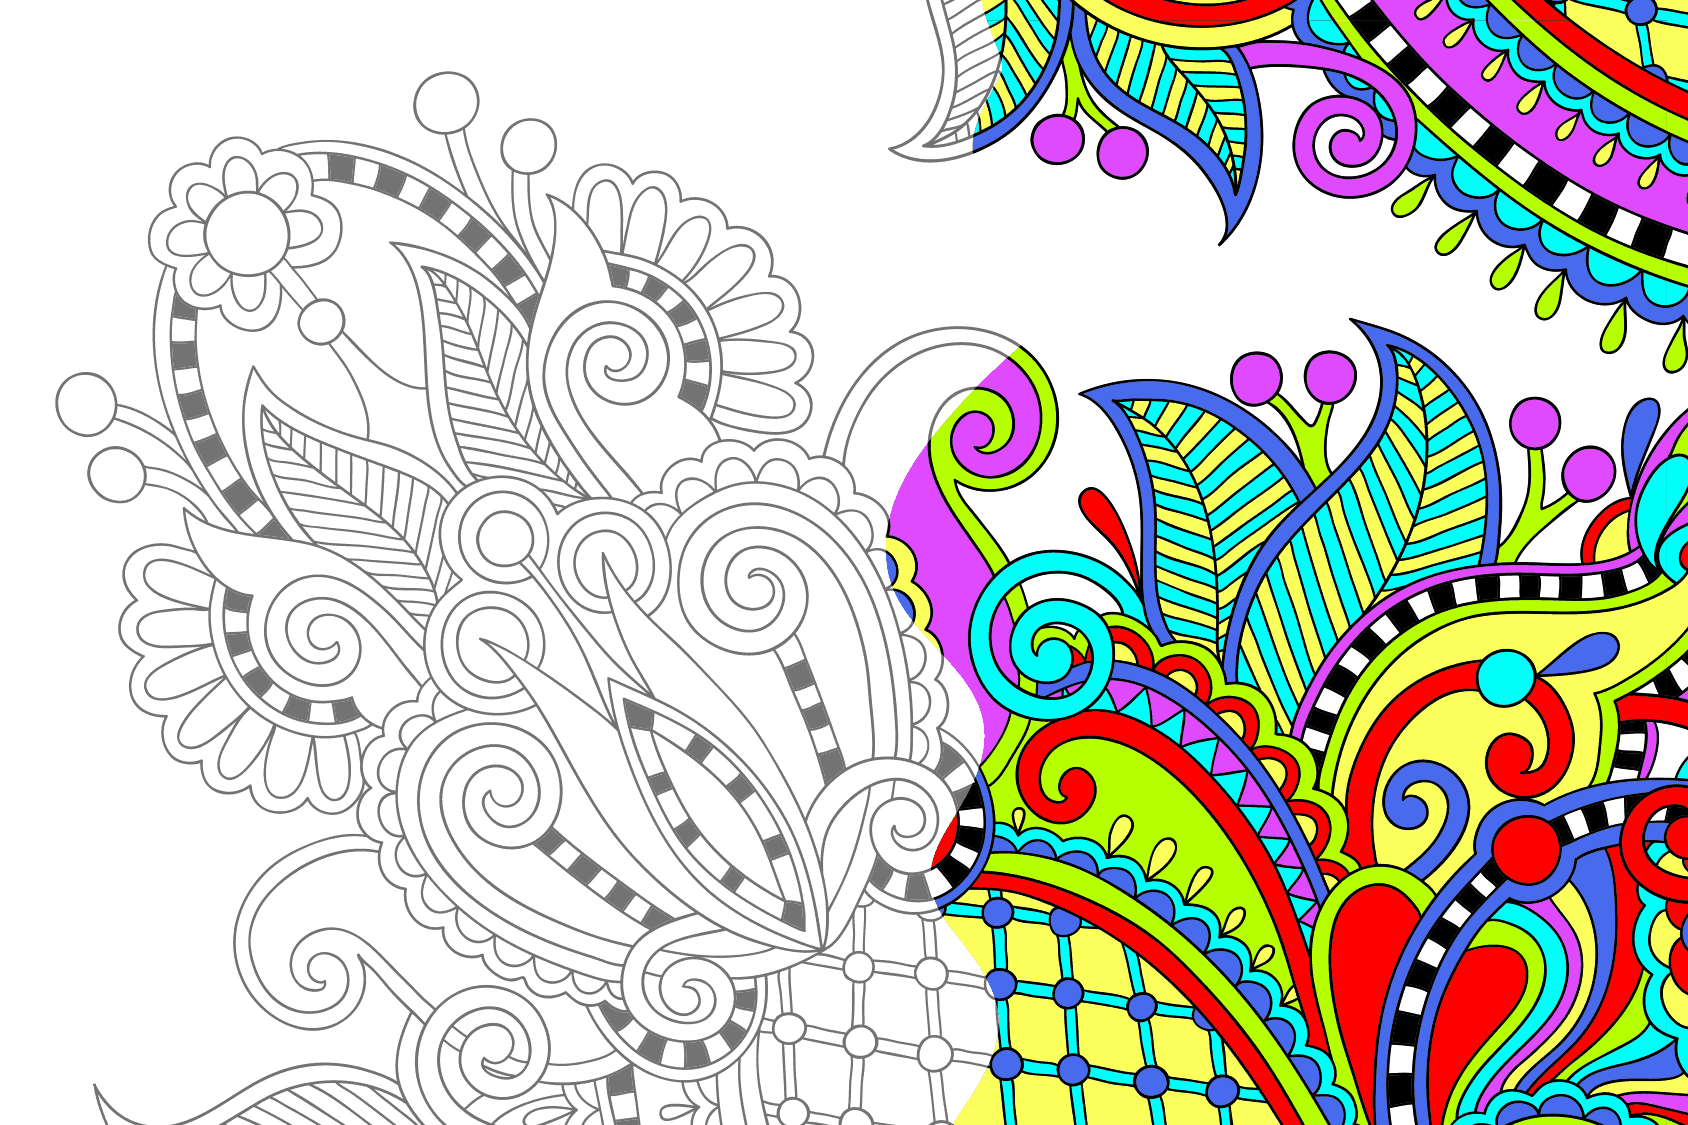 Kleurplaten Voor Volwassenen Voorbeelden.Kleurplaten Volwassenen 54 Kleurplaten Voor Volwassenen Om